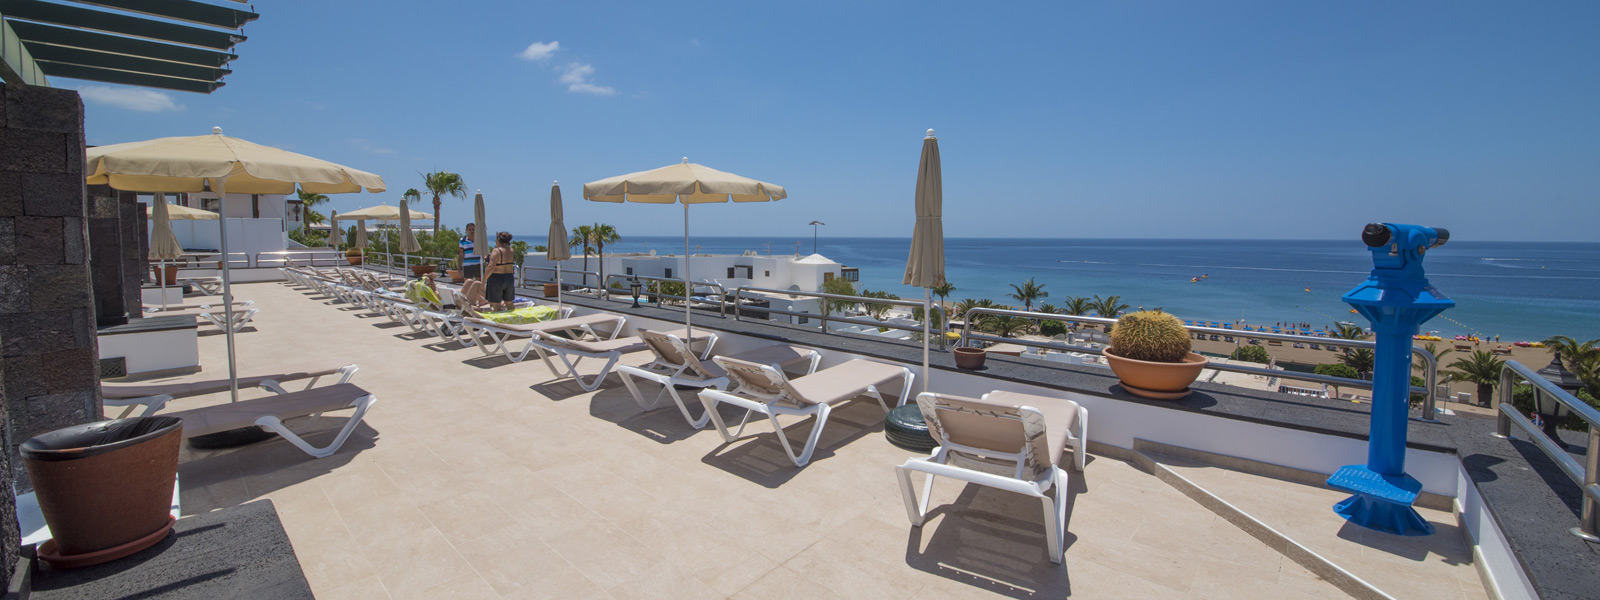 Apartments MORANA | OFFICIAL WEB | Lanzarote, Puerto Del Carmen.